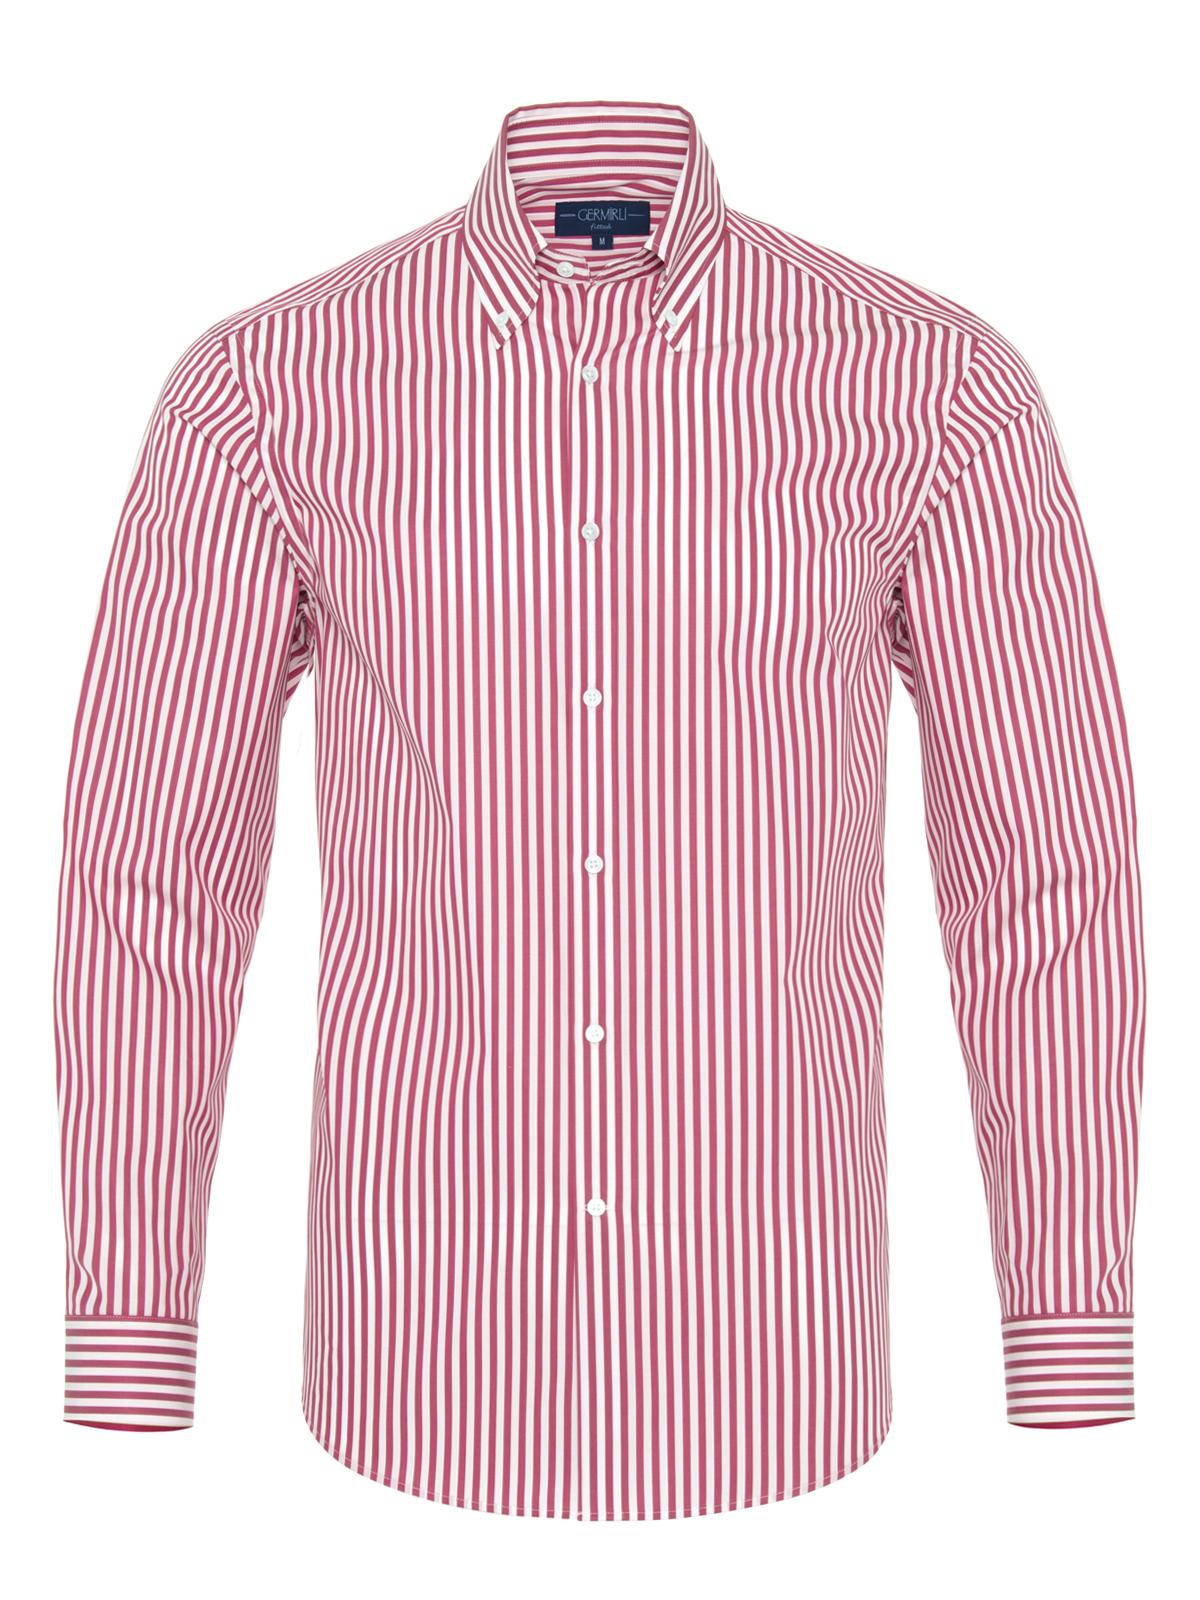 Germirli Bordo Beyaz Çizgili Düğmeli Yaka Tailor Fit Gömlek